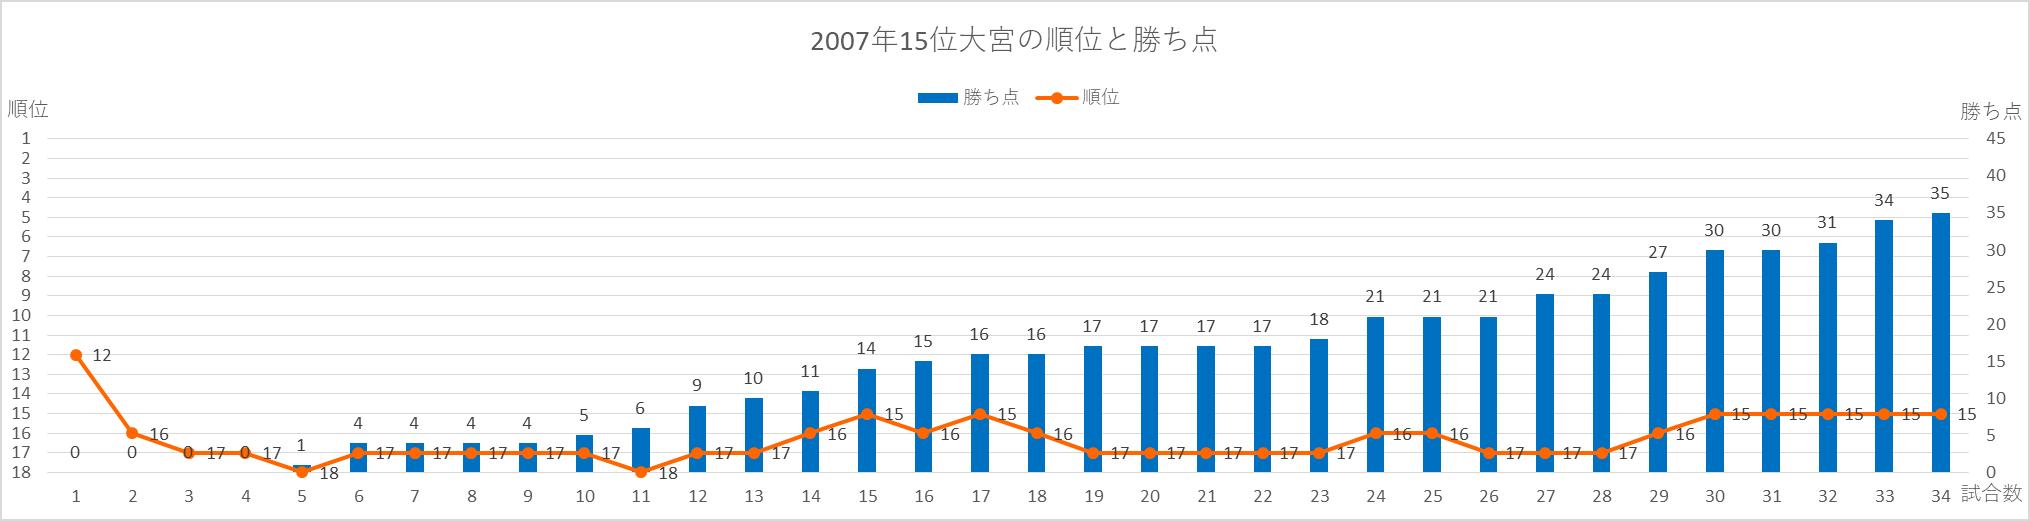 2007年大宮の順位と勝ち点の推移